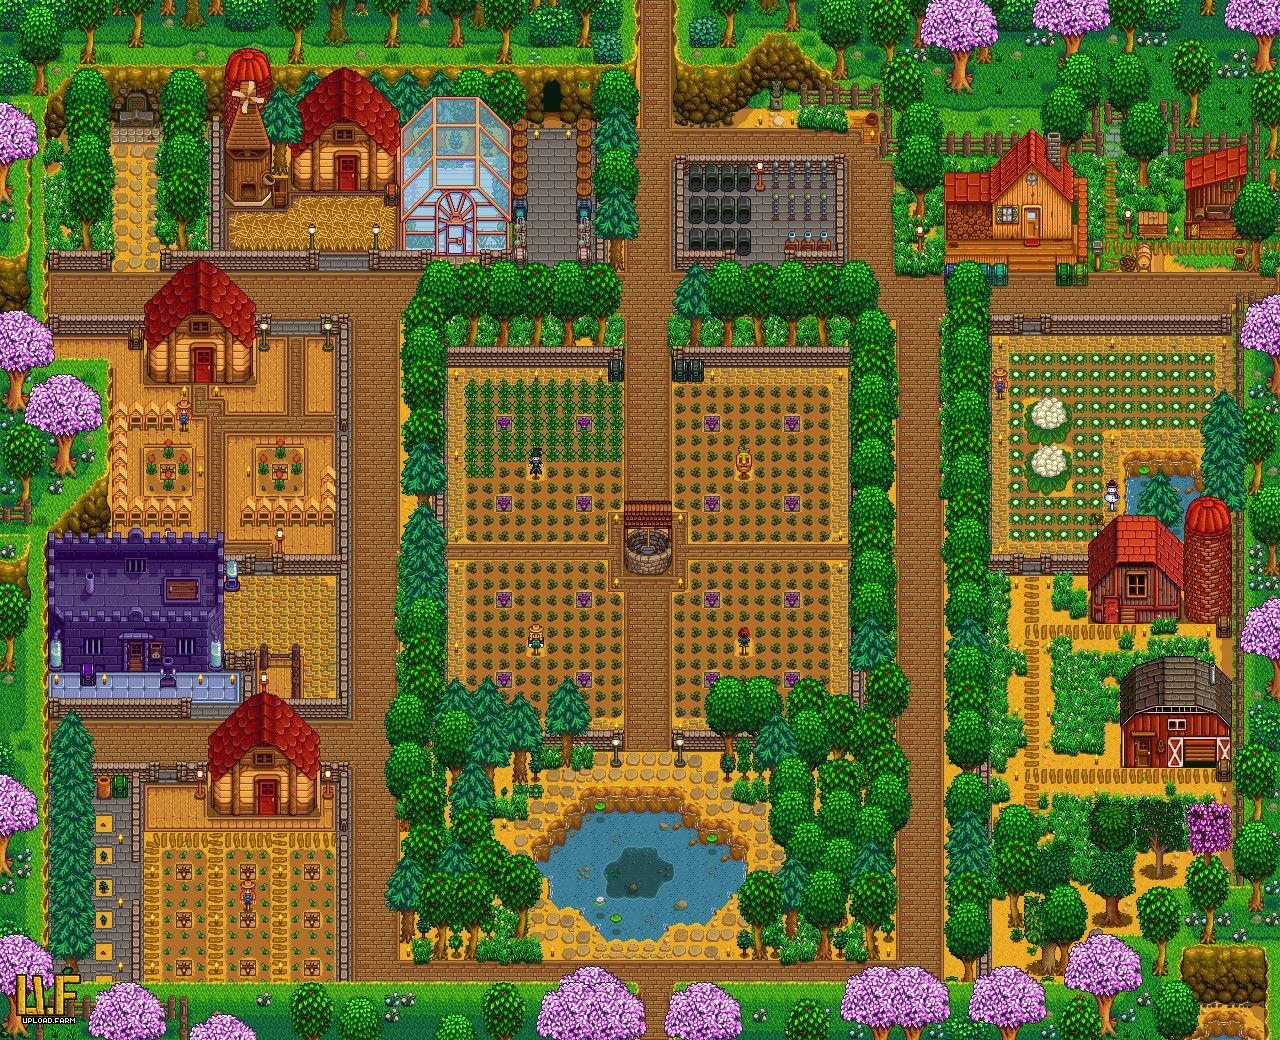 Eduxqwee On Reddit Stardew Valley Stardew Valley Farms Stardew Valley Layout